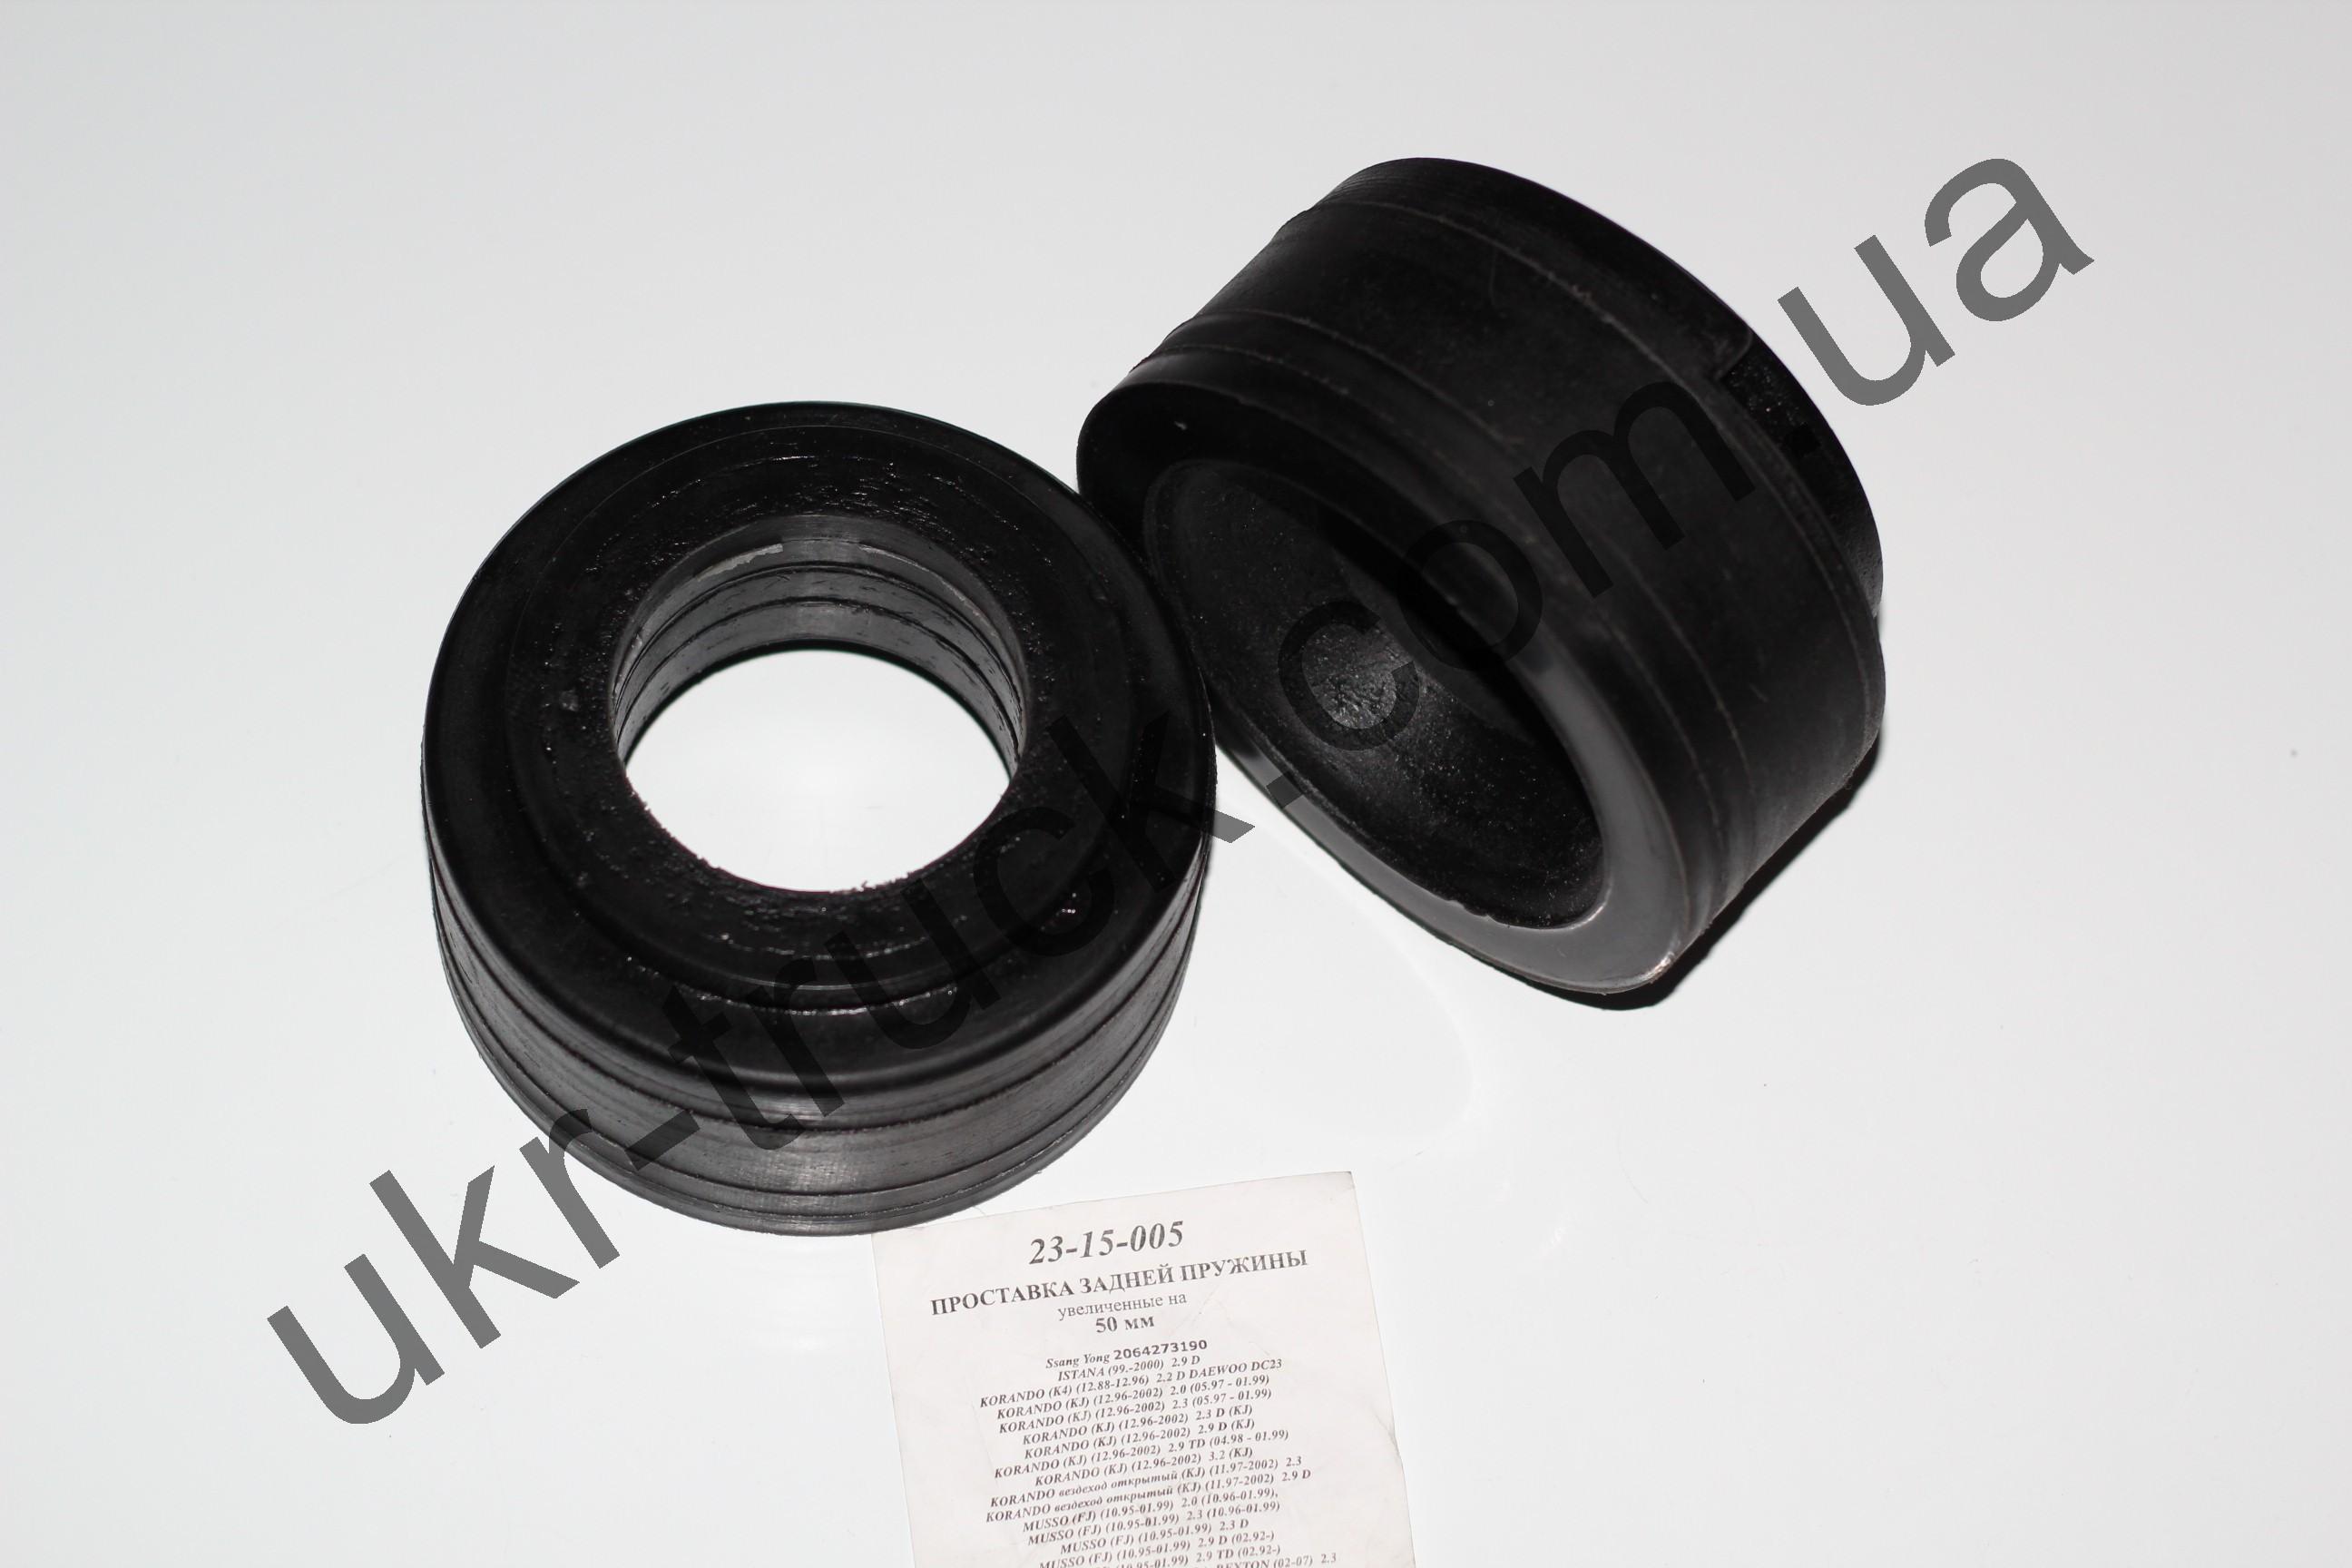 23-15-005 Проставка задней пружины увеличенные на 30 мм Ssang Yong